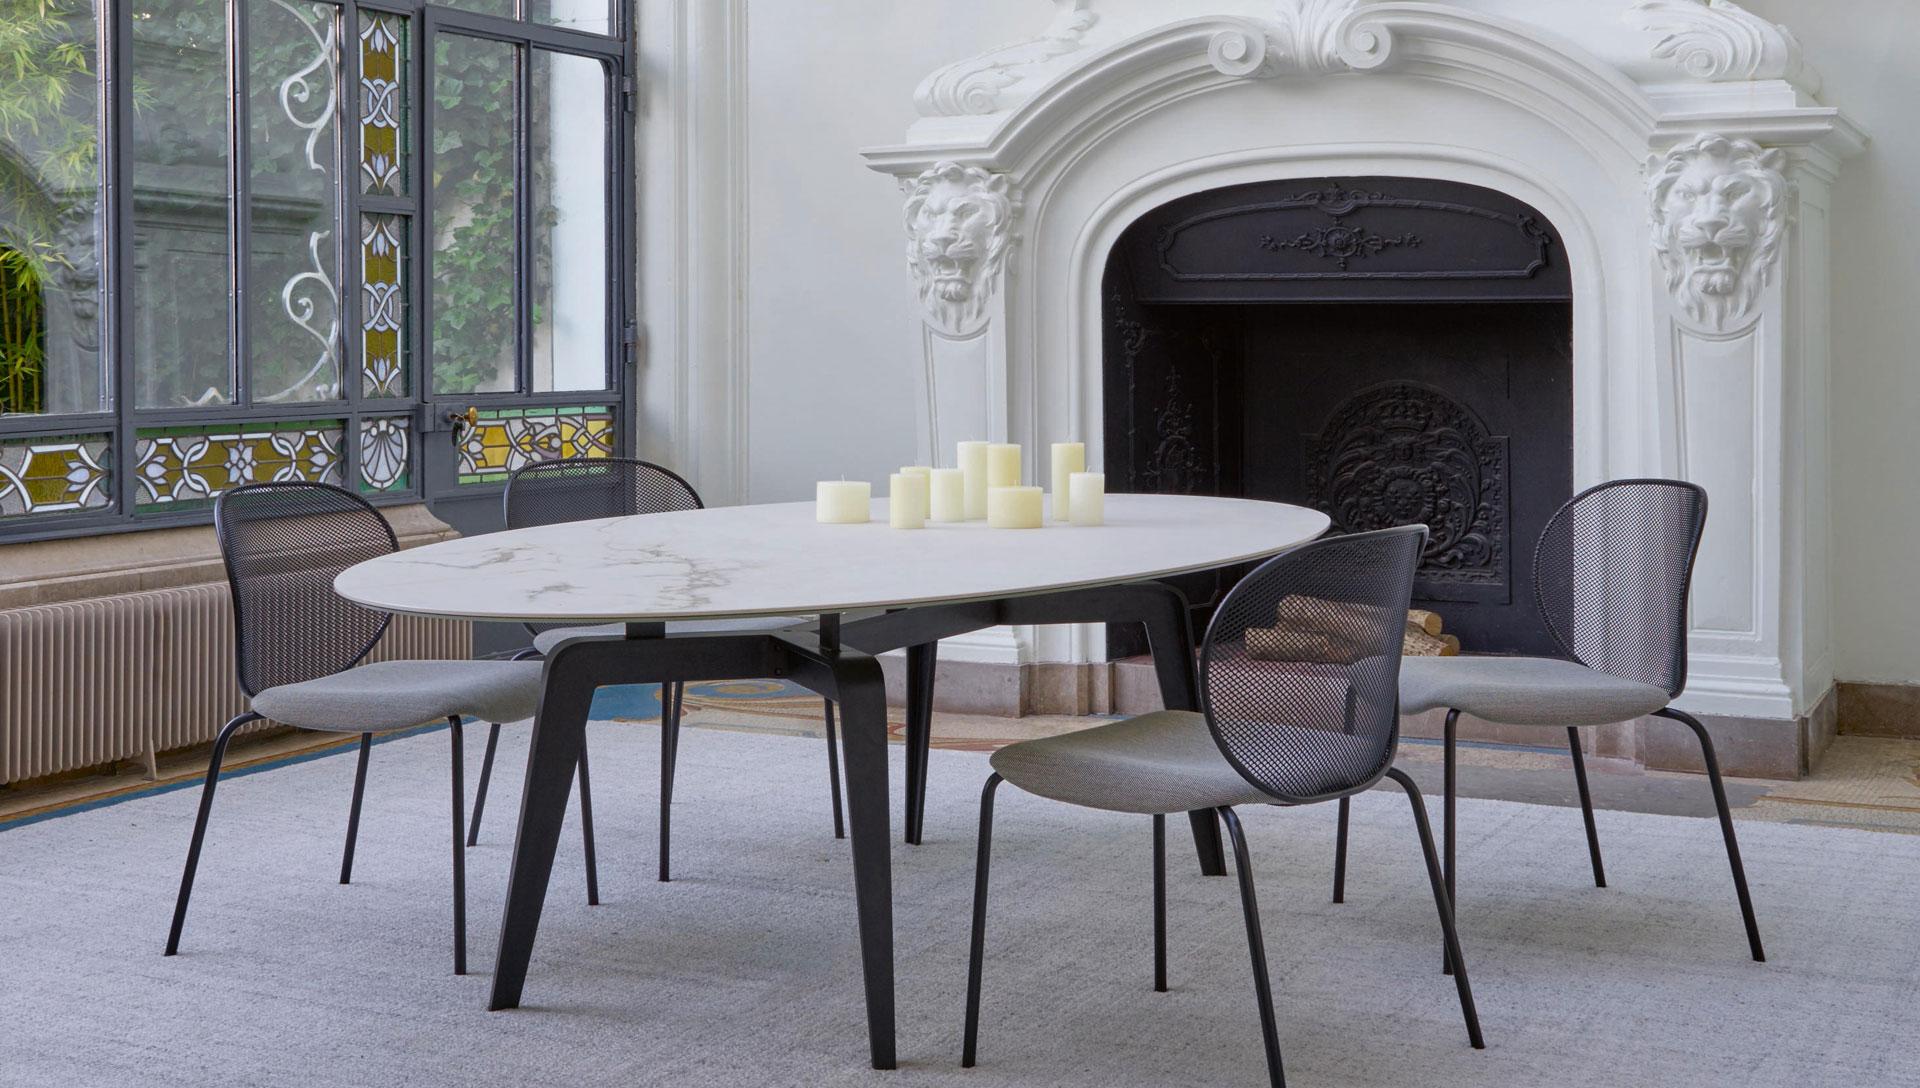 zona-giorno-ligne-roset-comodus-arredamenti-nicoletti-interni-interior-design-divani-complementi-arredo-mobili-design-accessori-matera